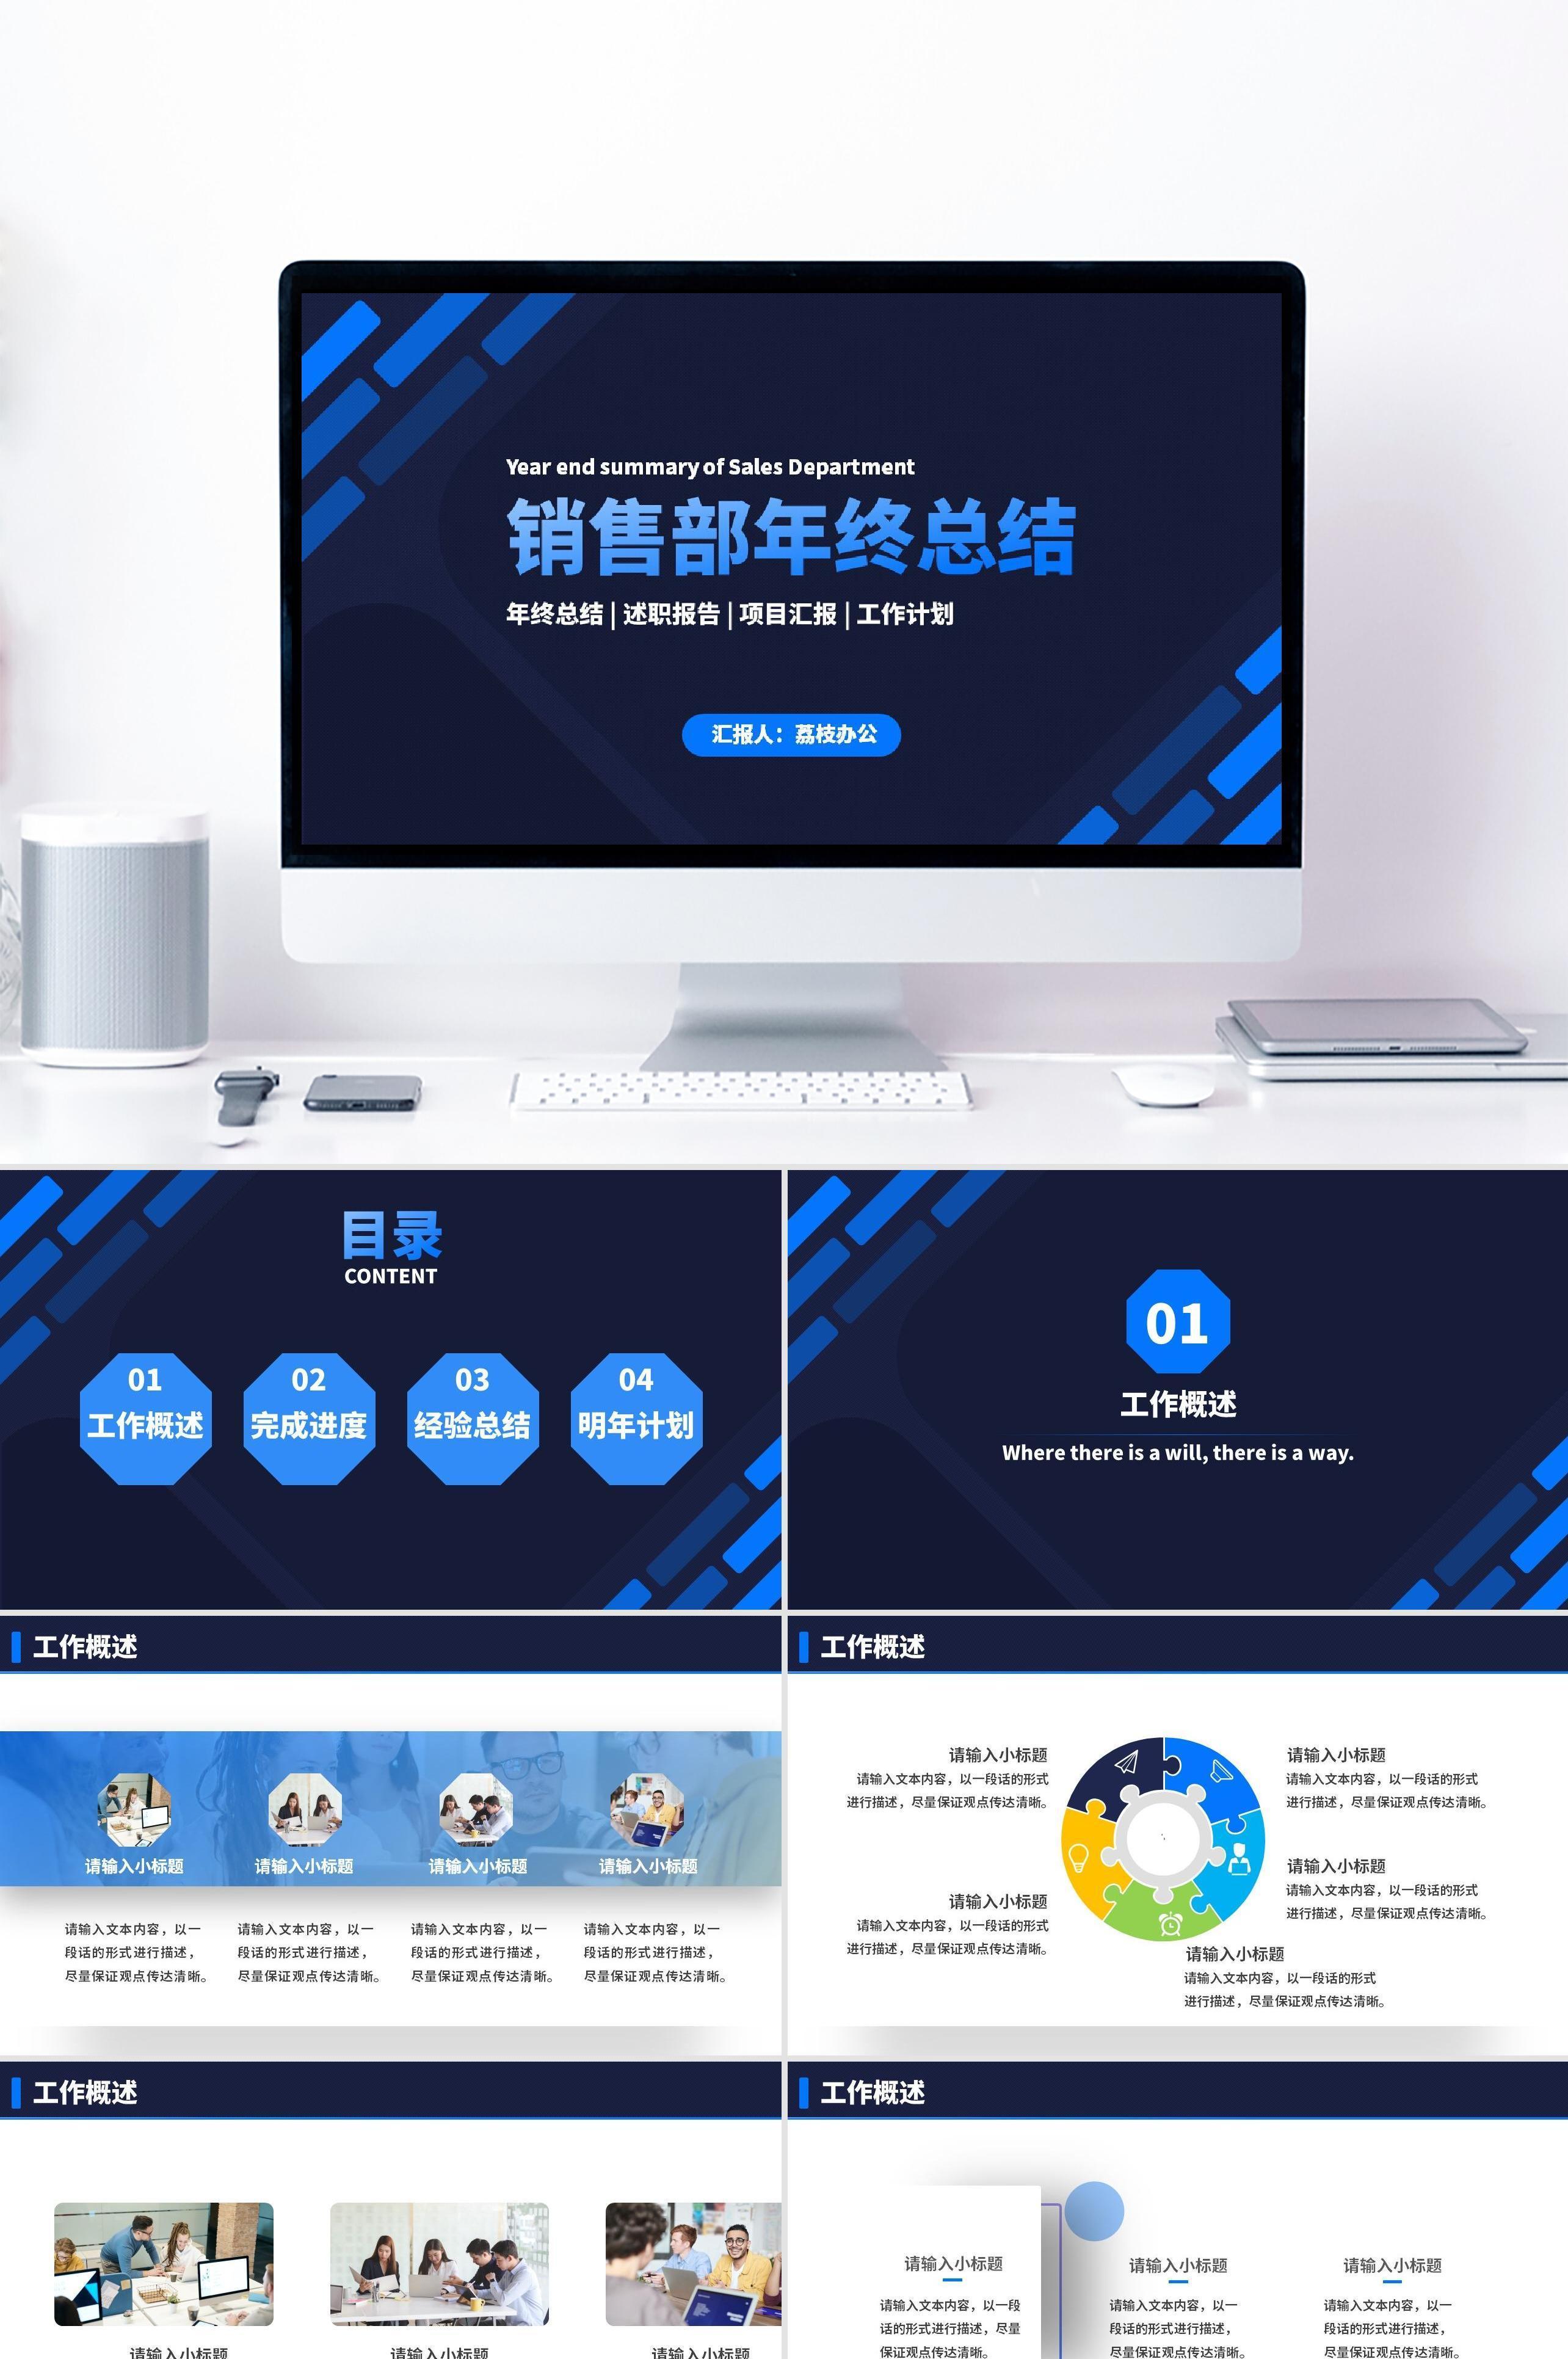 蓝色创意设计销售部年终总结汇报PPT模板